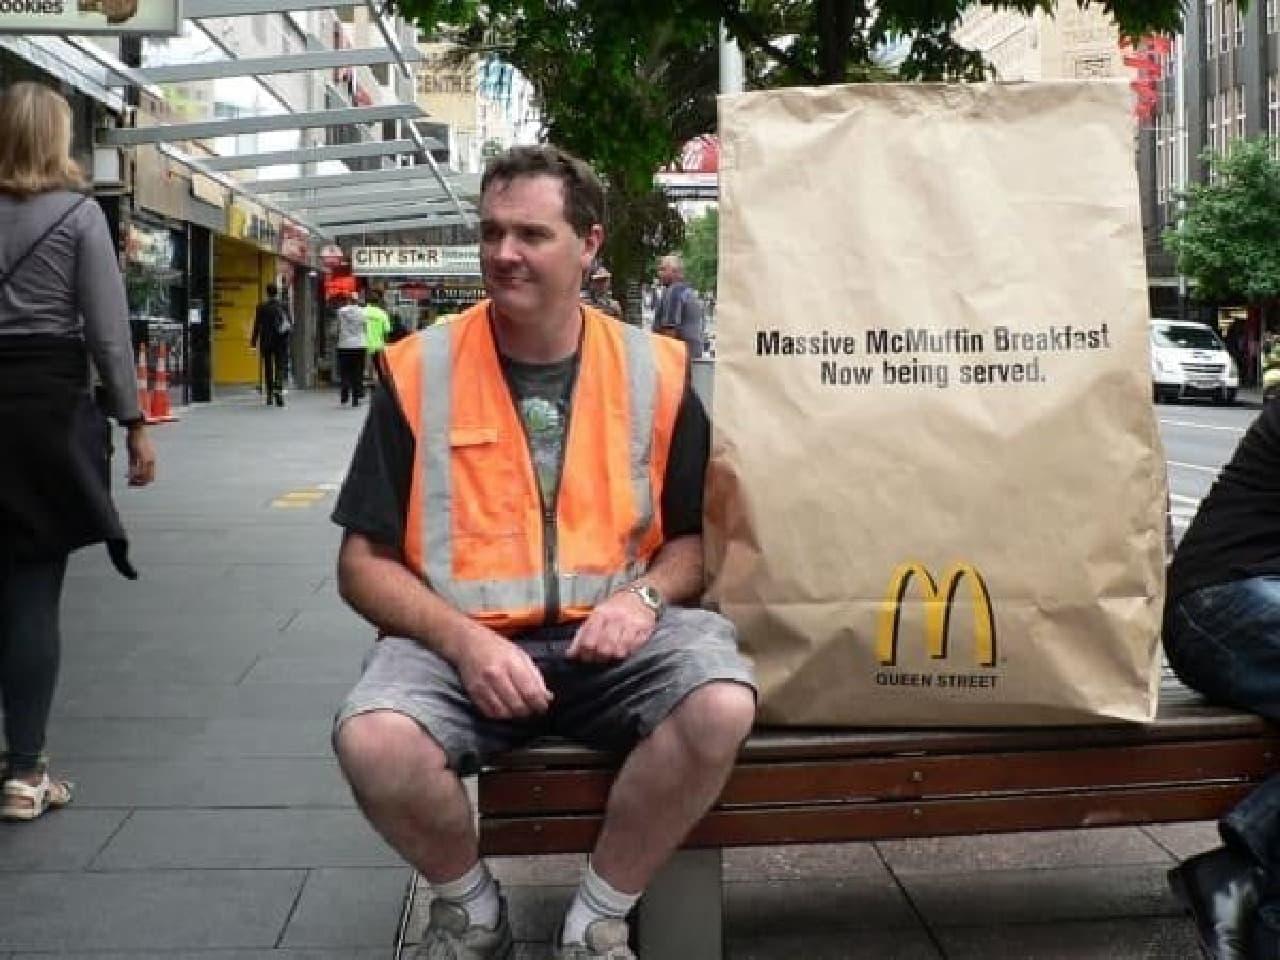 持ち歩いていて最も恥ずかしいと感じるのはマクドナルドの紙袋